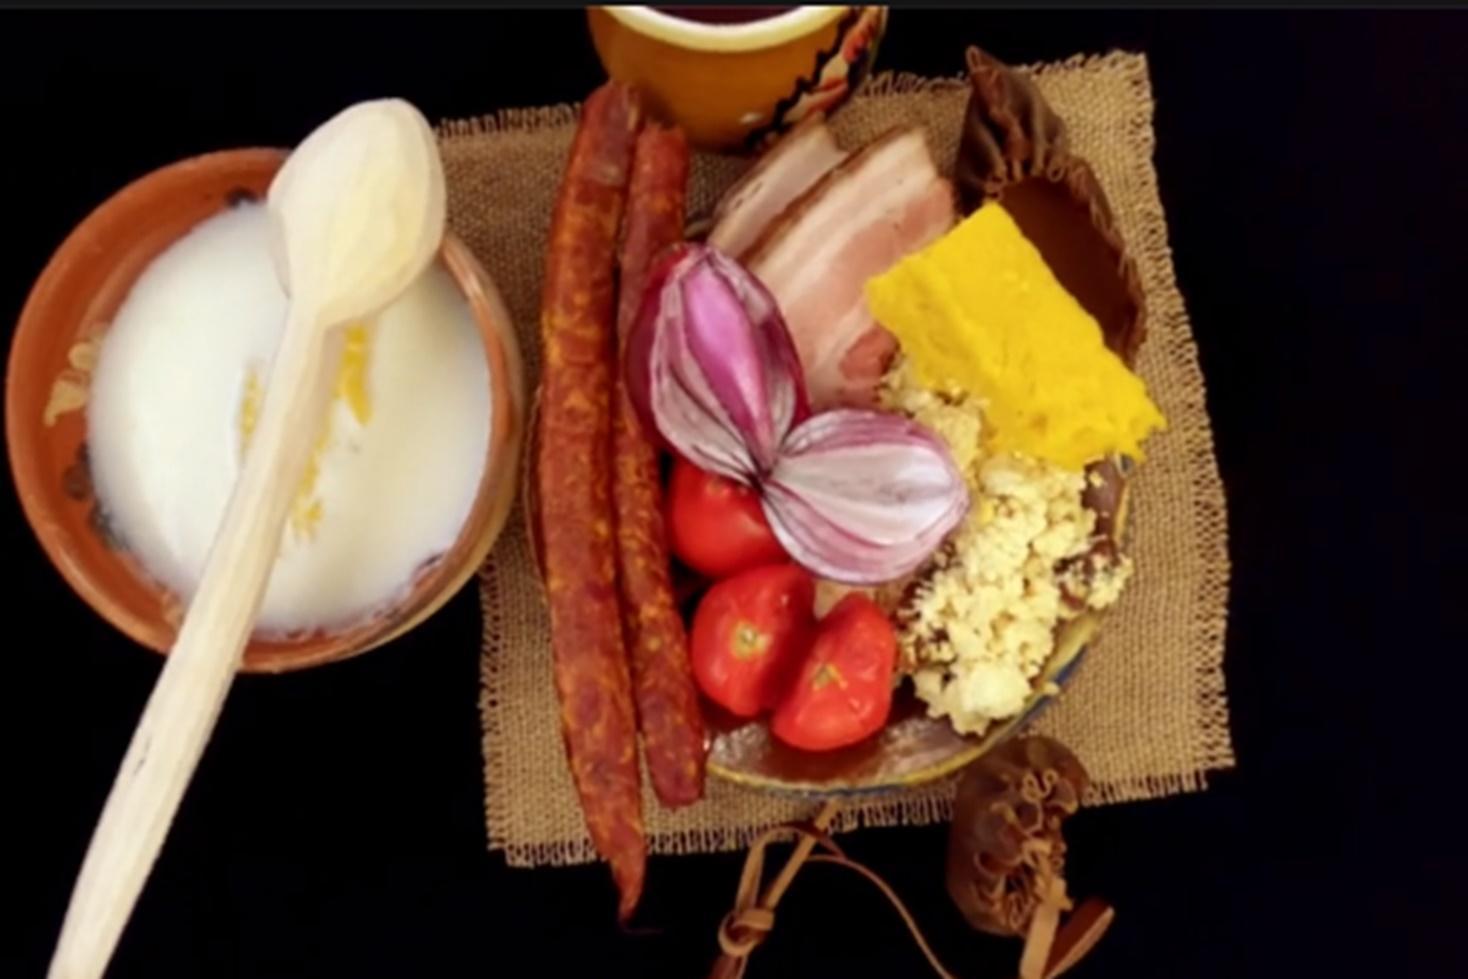 Rețetă dacică de urdă sărată și prăjită cu cârnăciori și jumări, servită cu mămăliguță